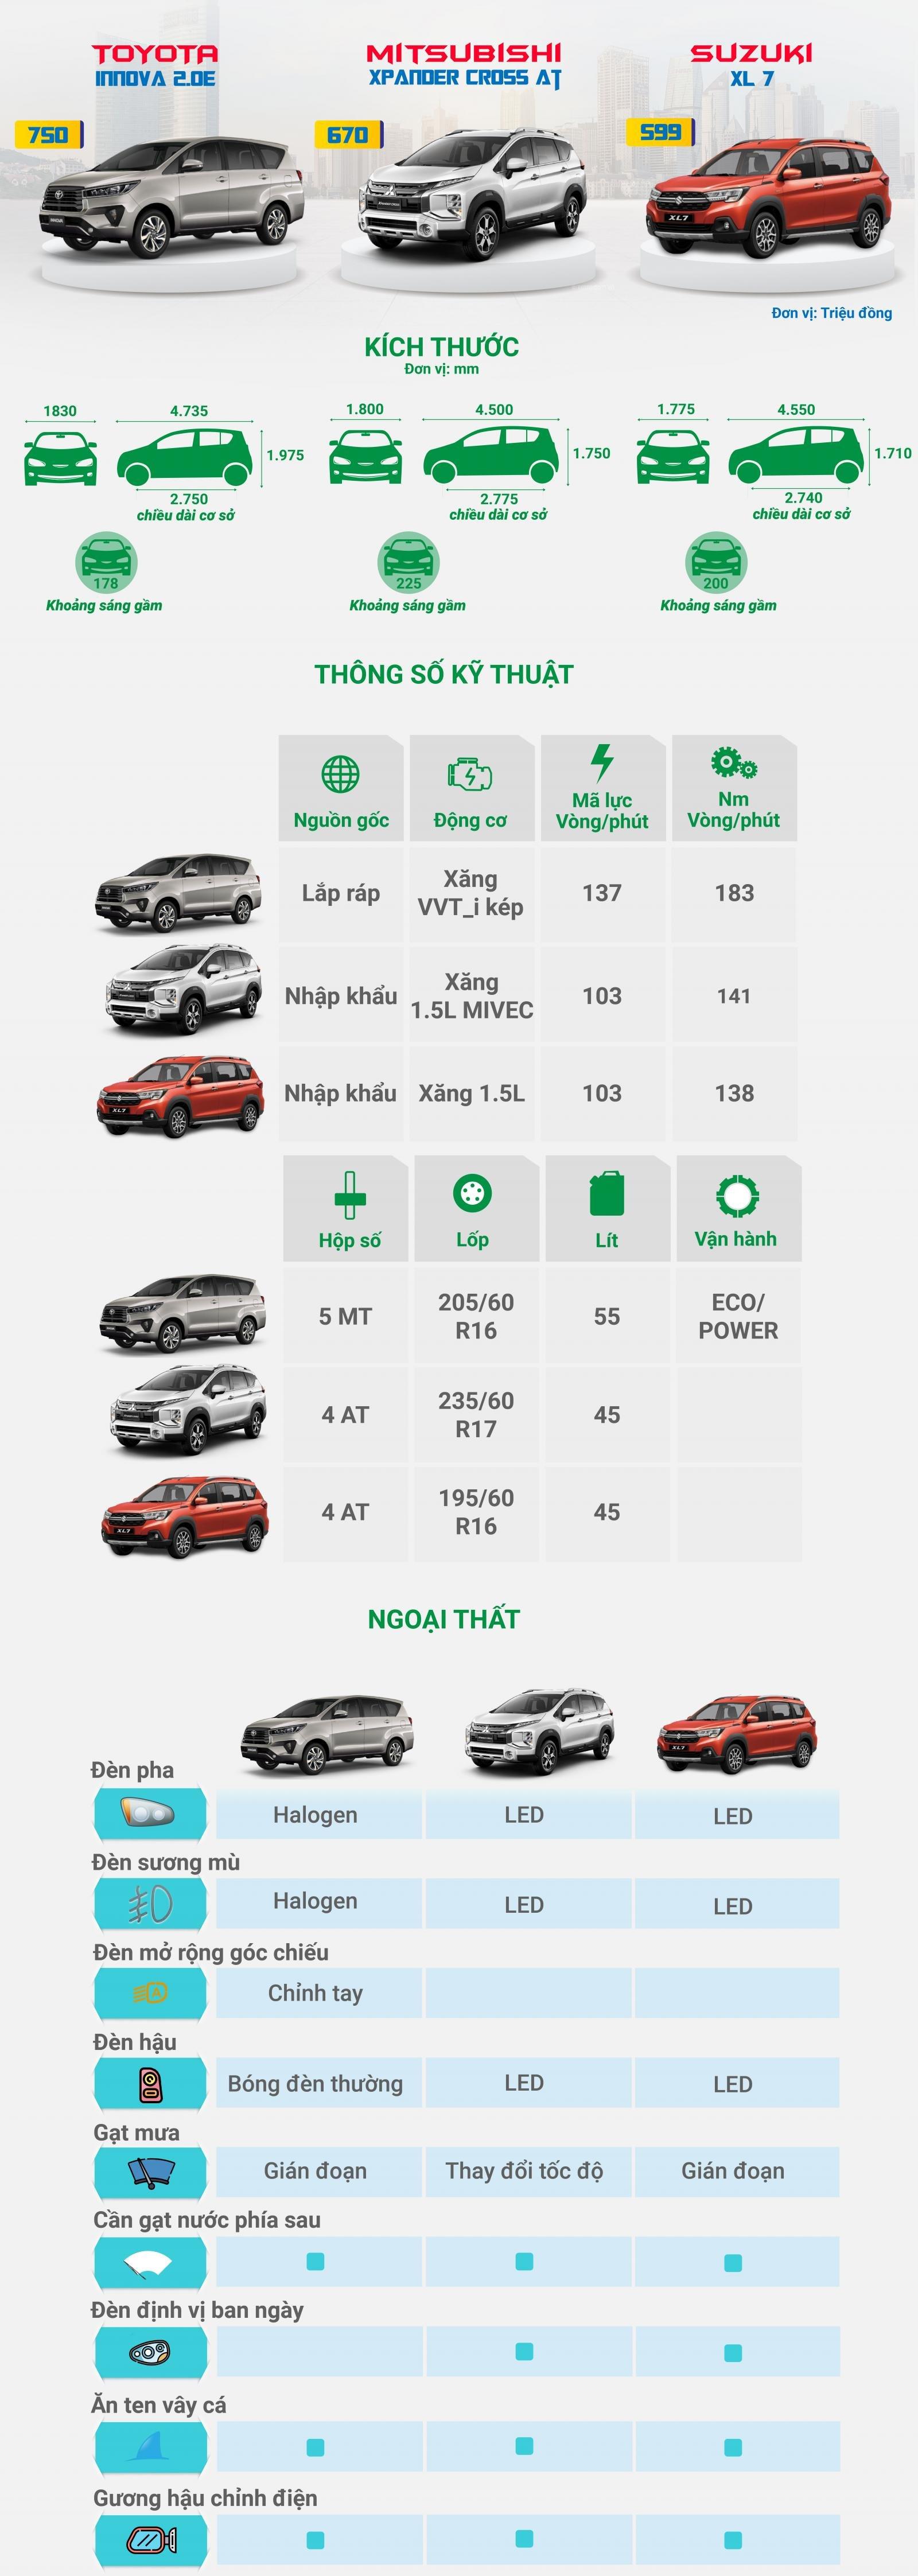 [Infographic] So sánh trang bị của 3 mẫu xe chuyên chạy dịch vụ tại Việt Nam a1